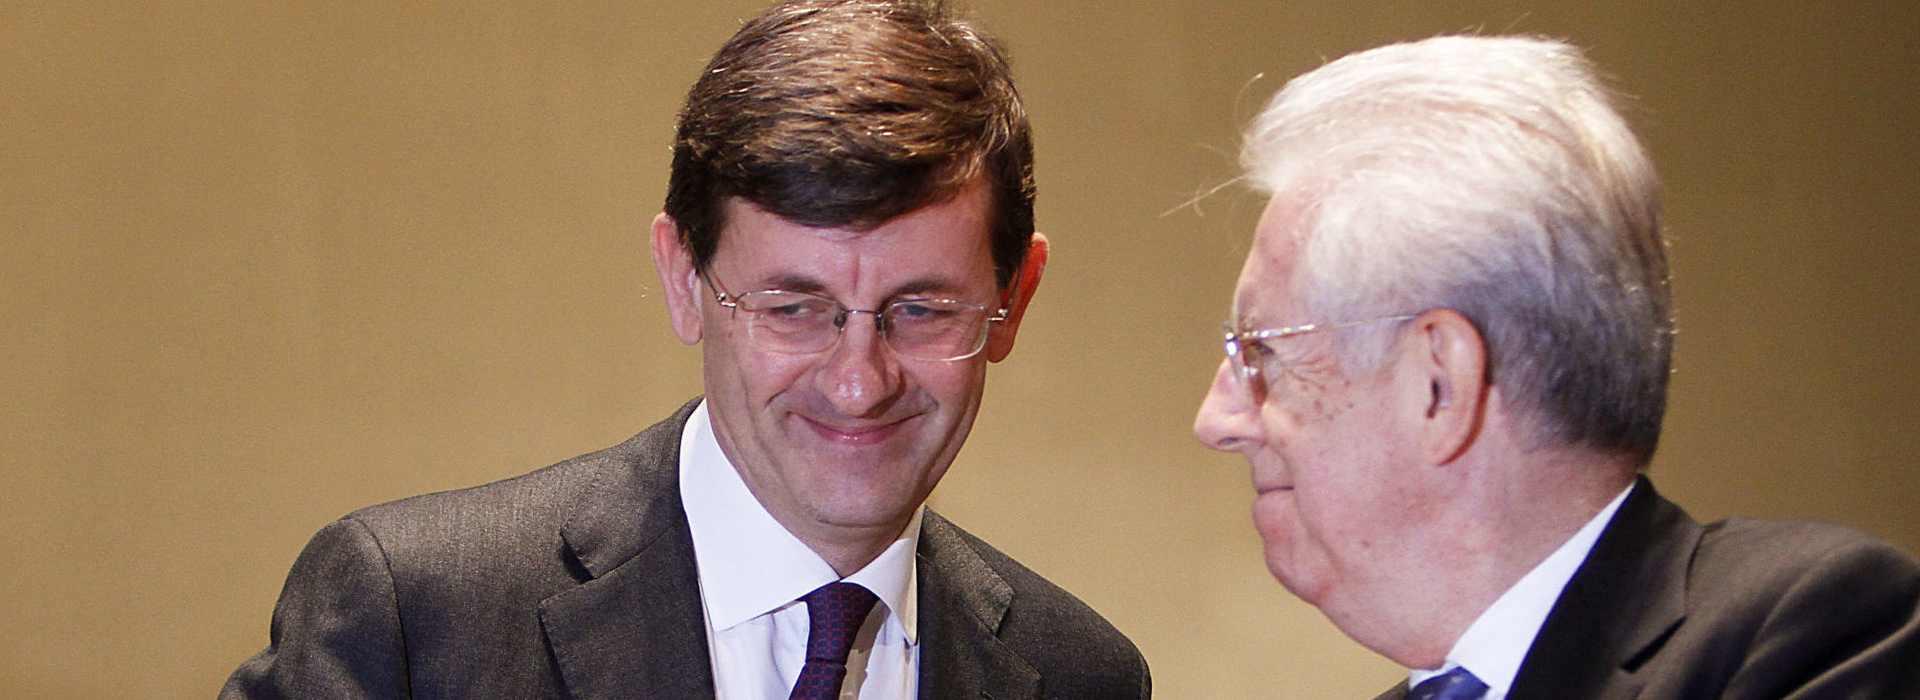 La carica dei 17: la Task force di Colao, l'uomo del Bilderberg e dei salotti Euopei